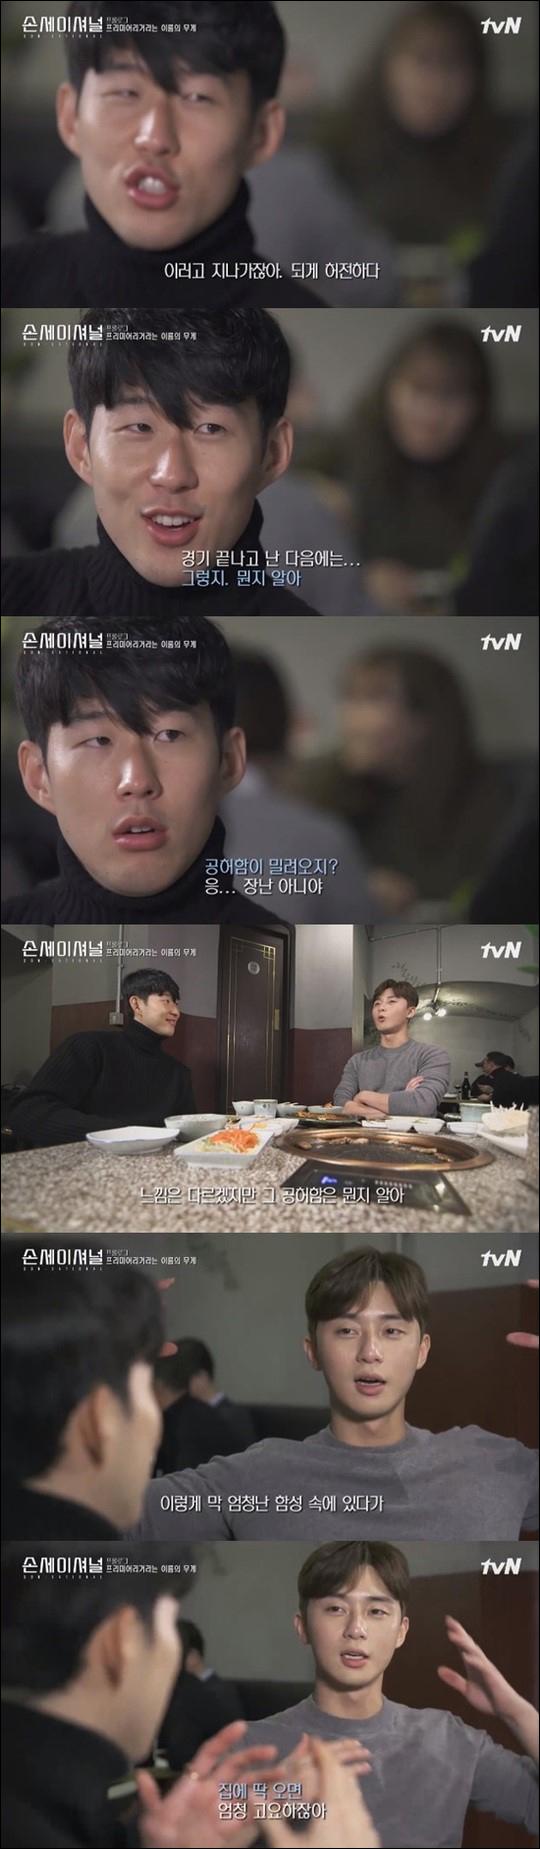 '손세이셔널' 손흥민. tvN 화면 캡처